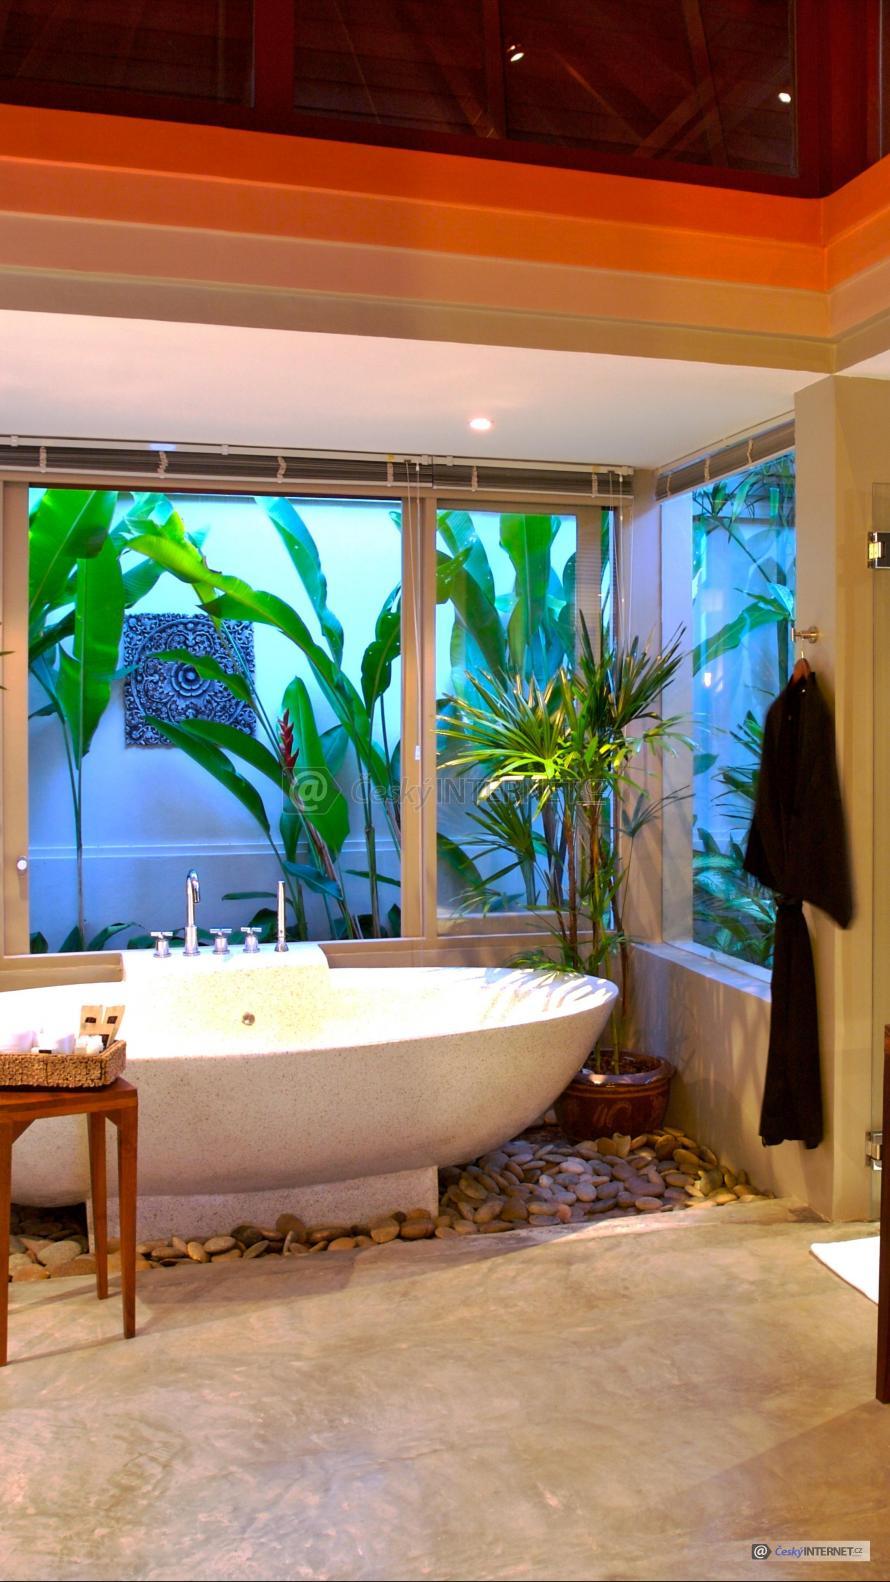 Moderní koupelna.